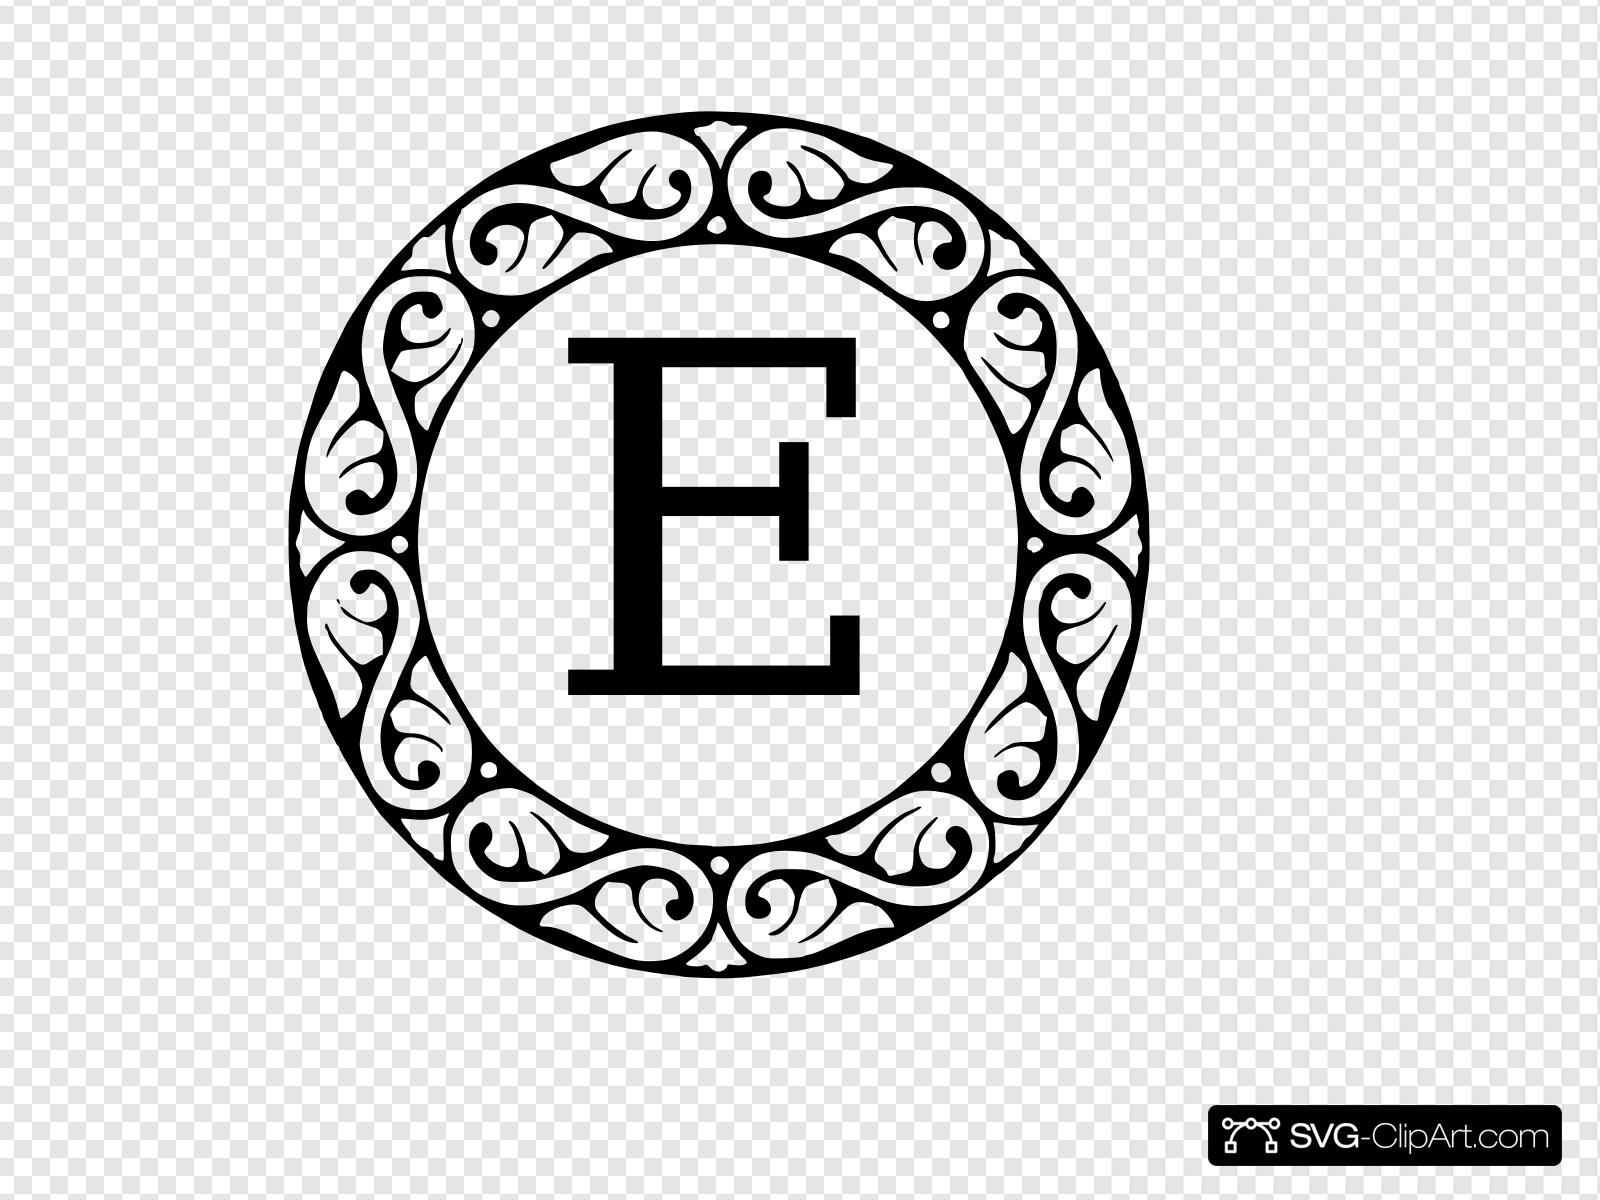 Monogram Letter E Clip art, Icon and SVG.